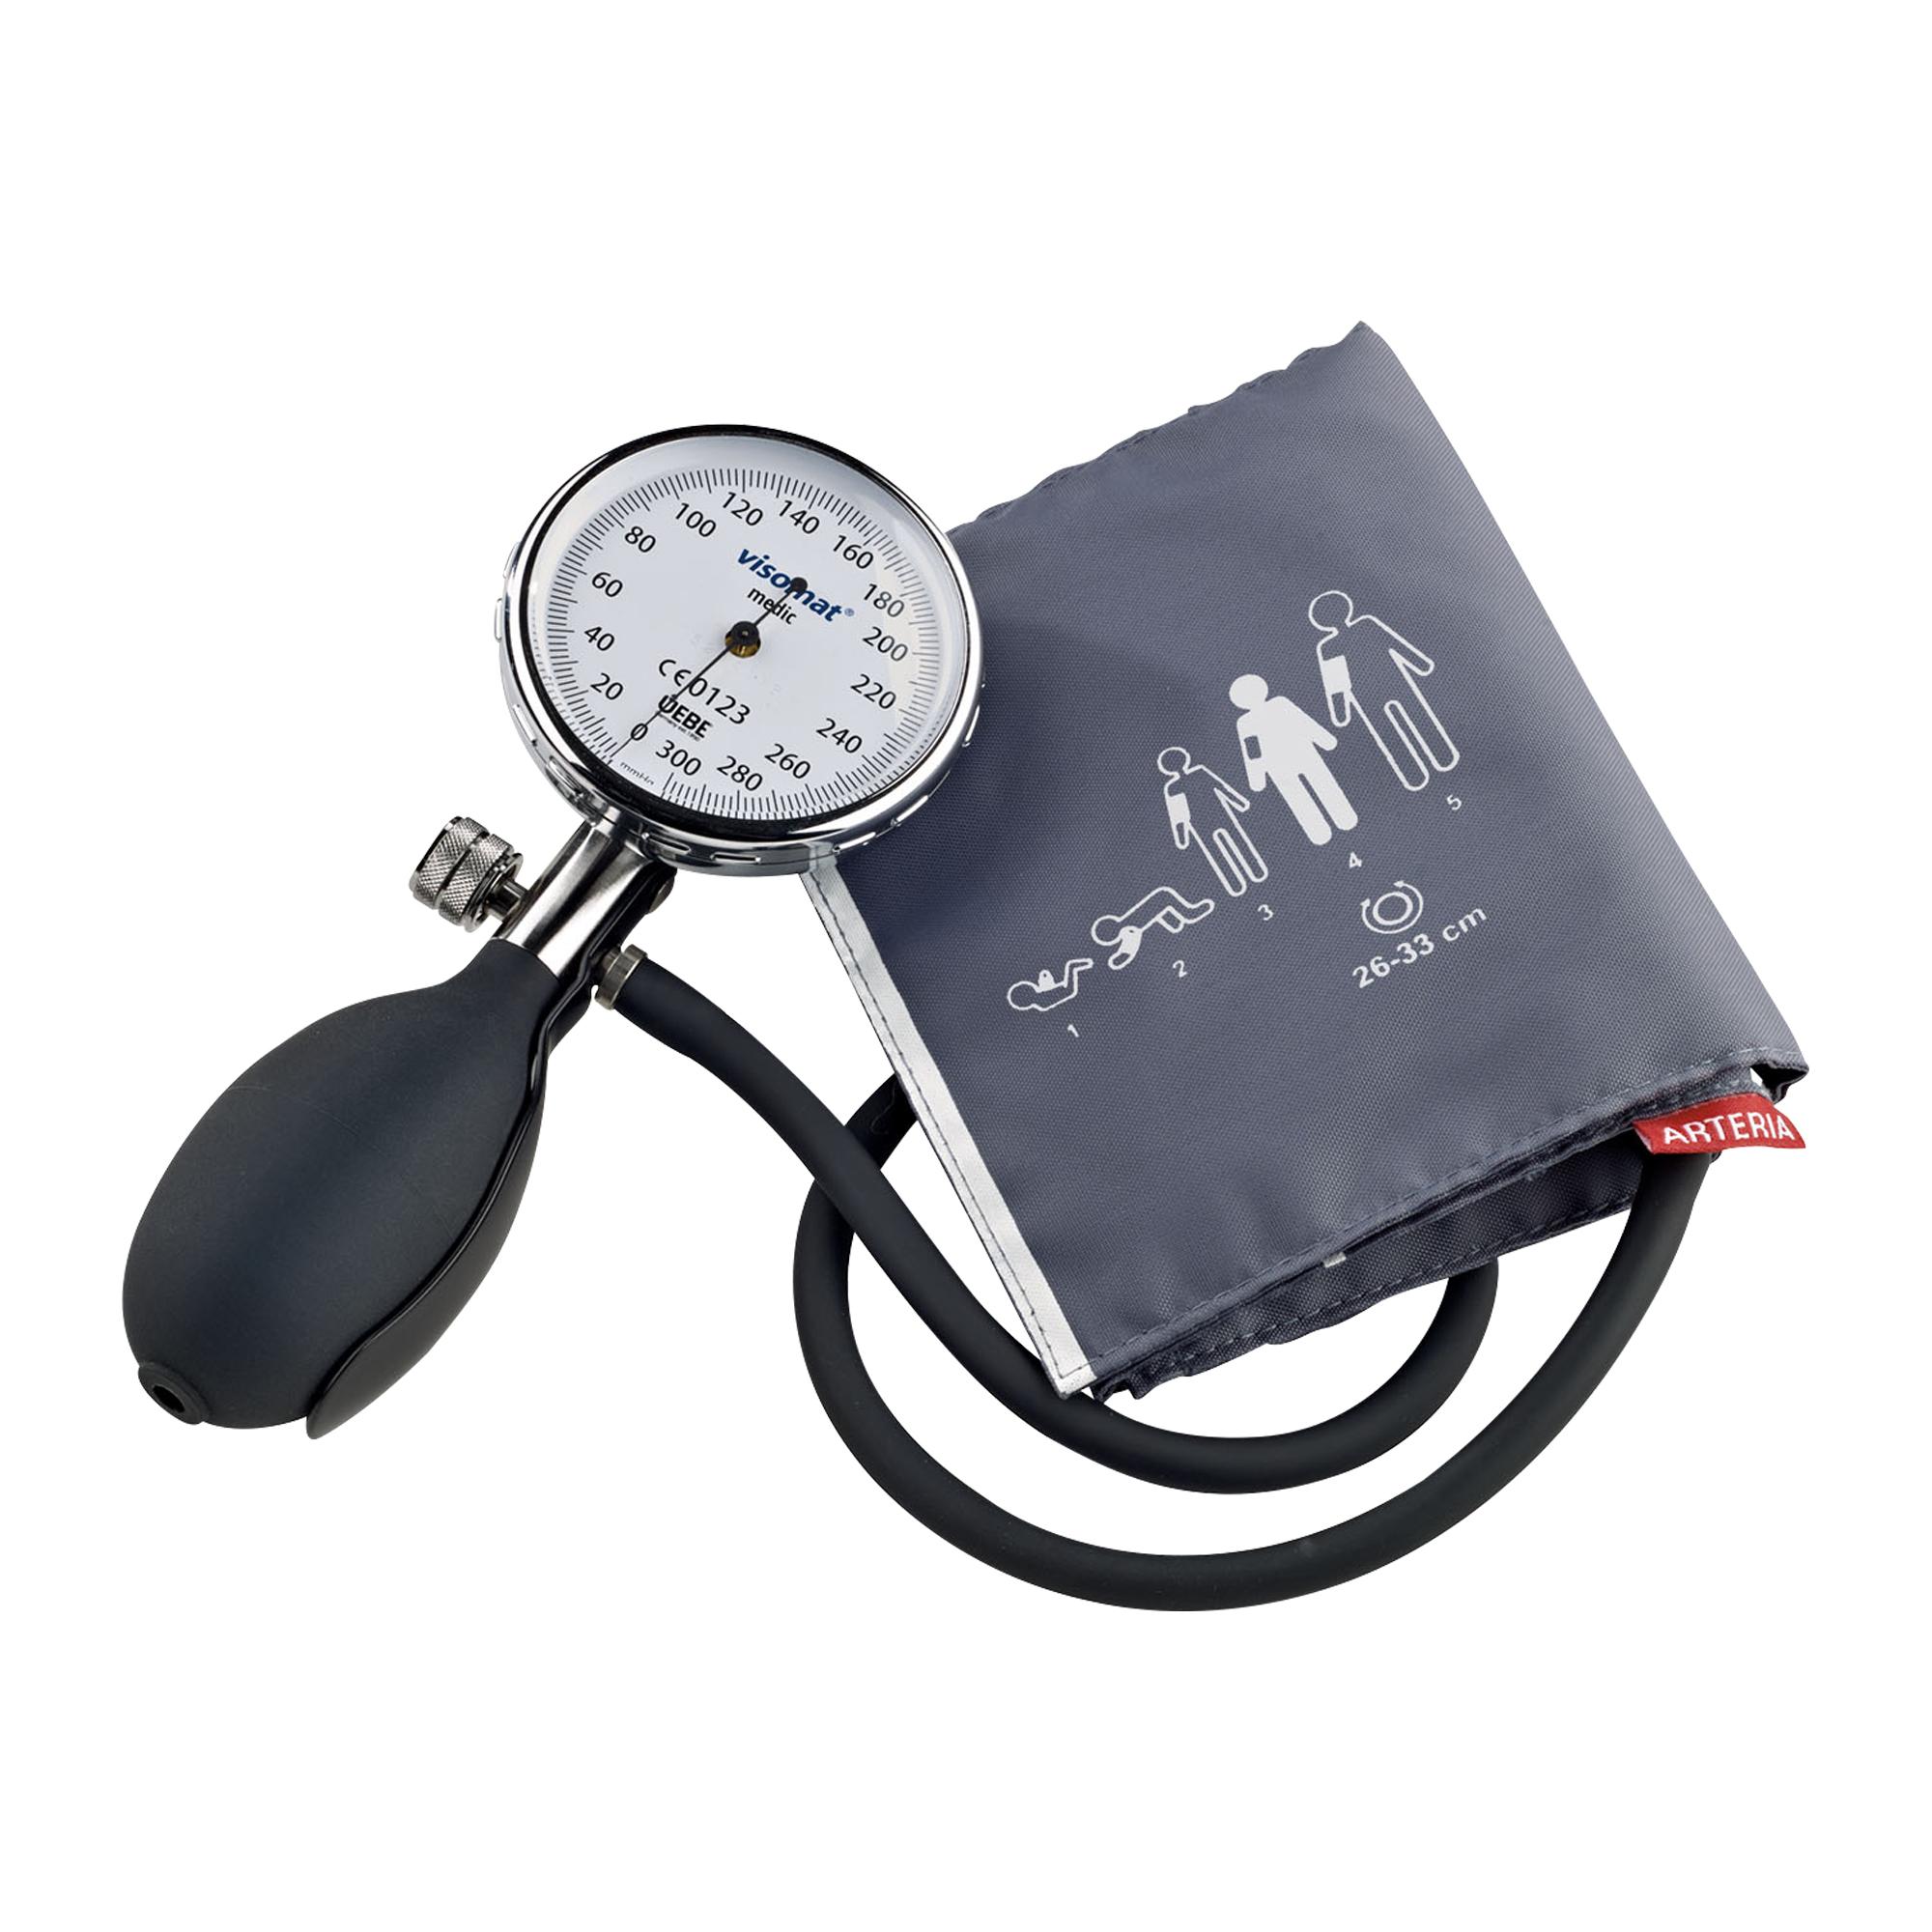 Visomat Medic pro Blutdruckmessgerät